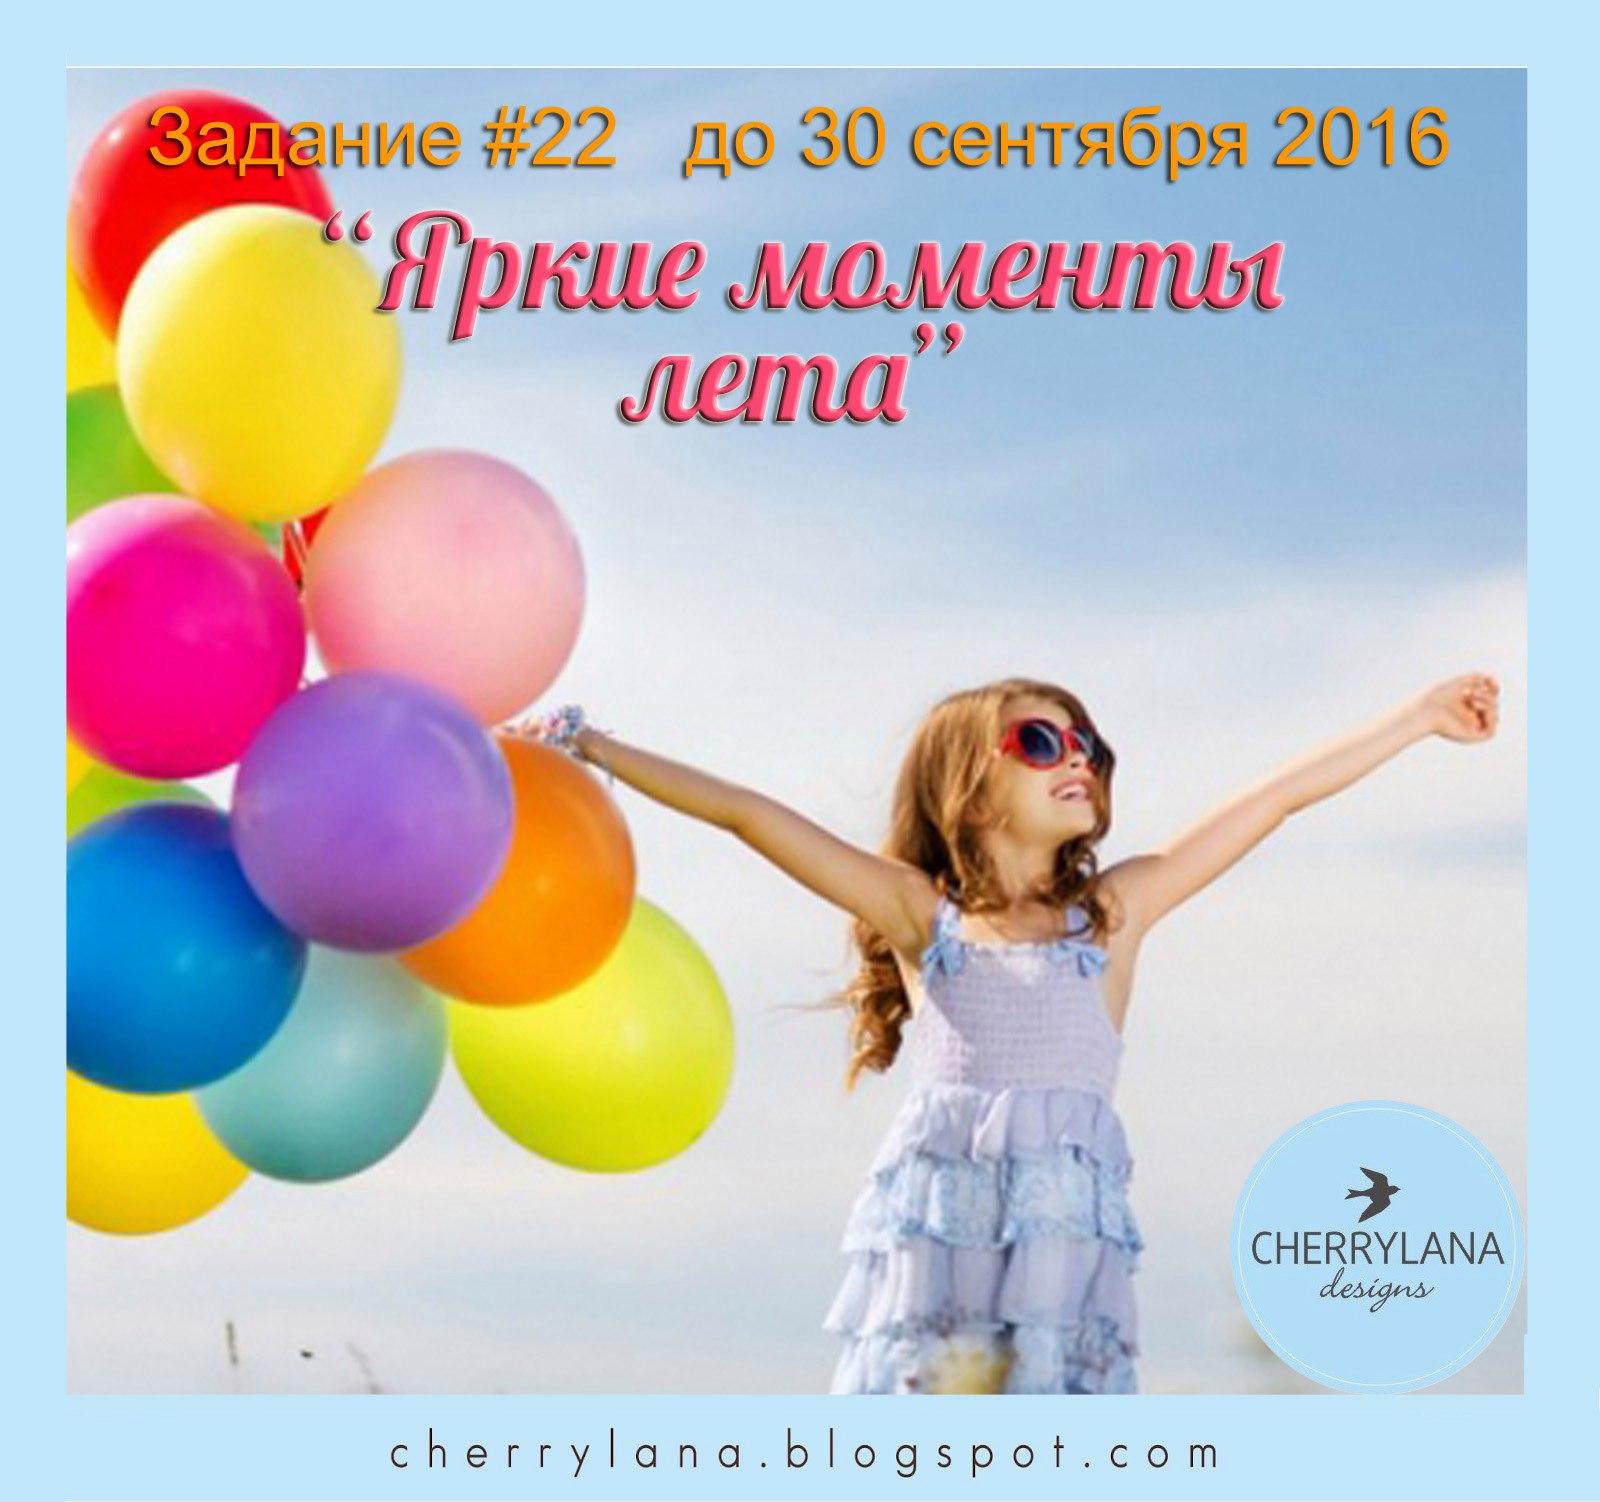 http://cherrylana.blogspot.com/2016/09/22.html